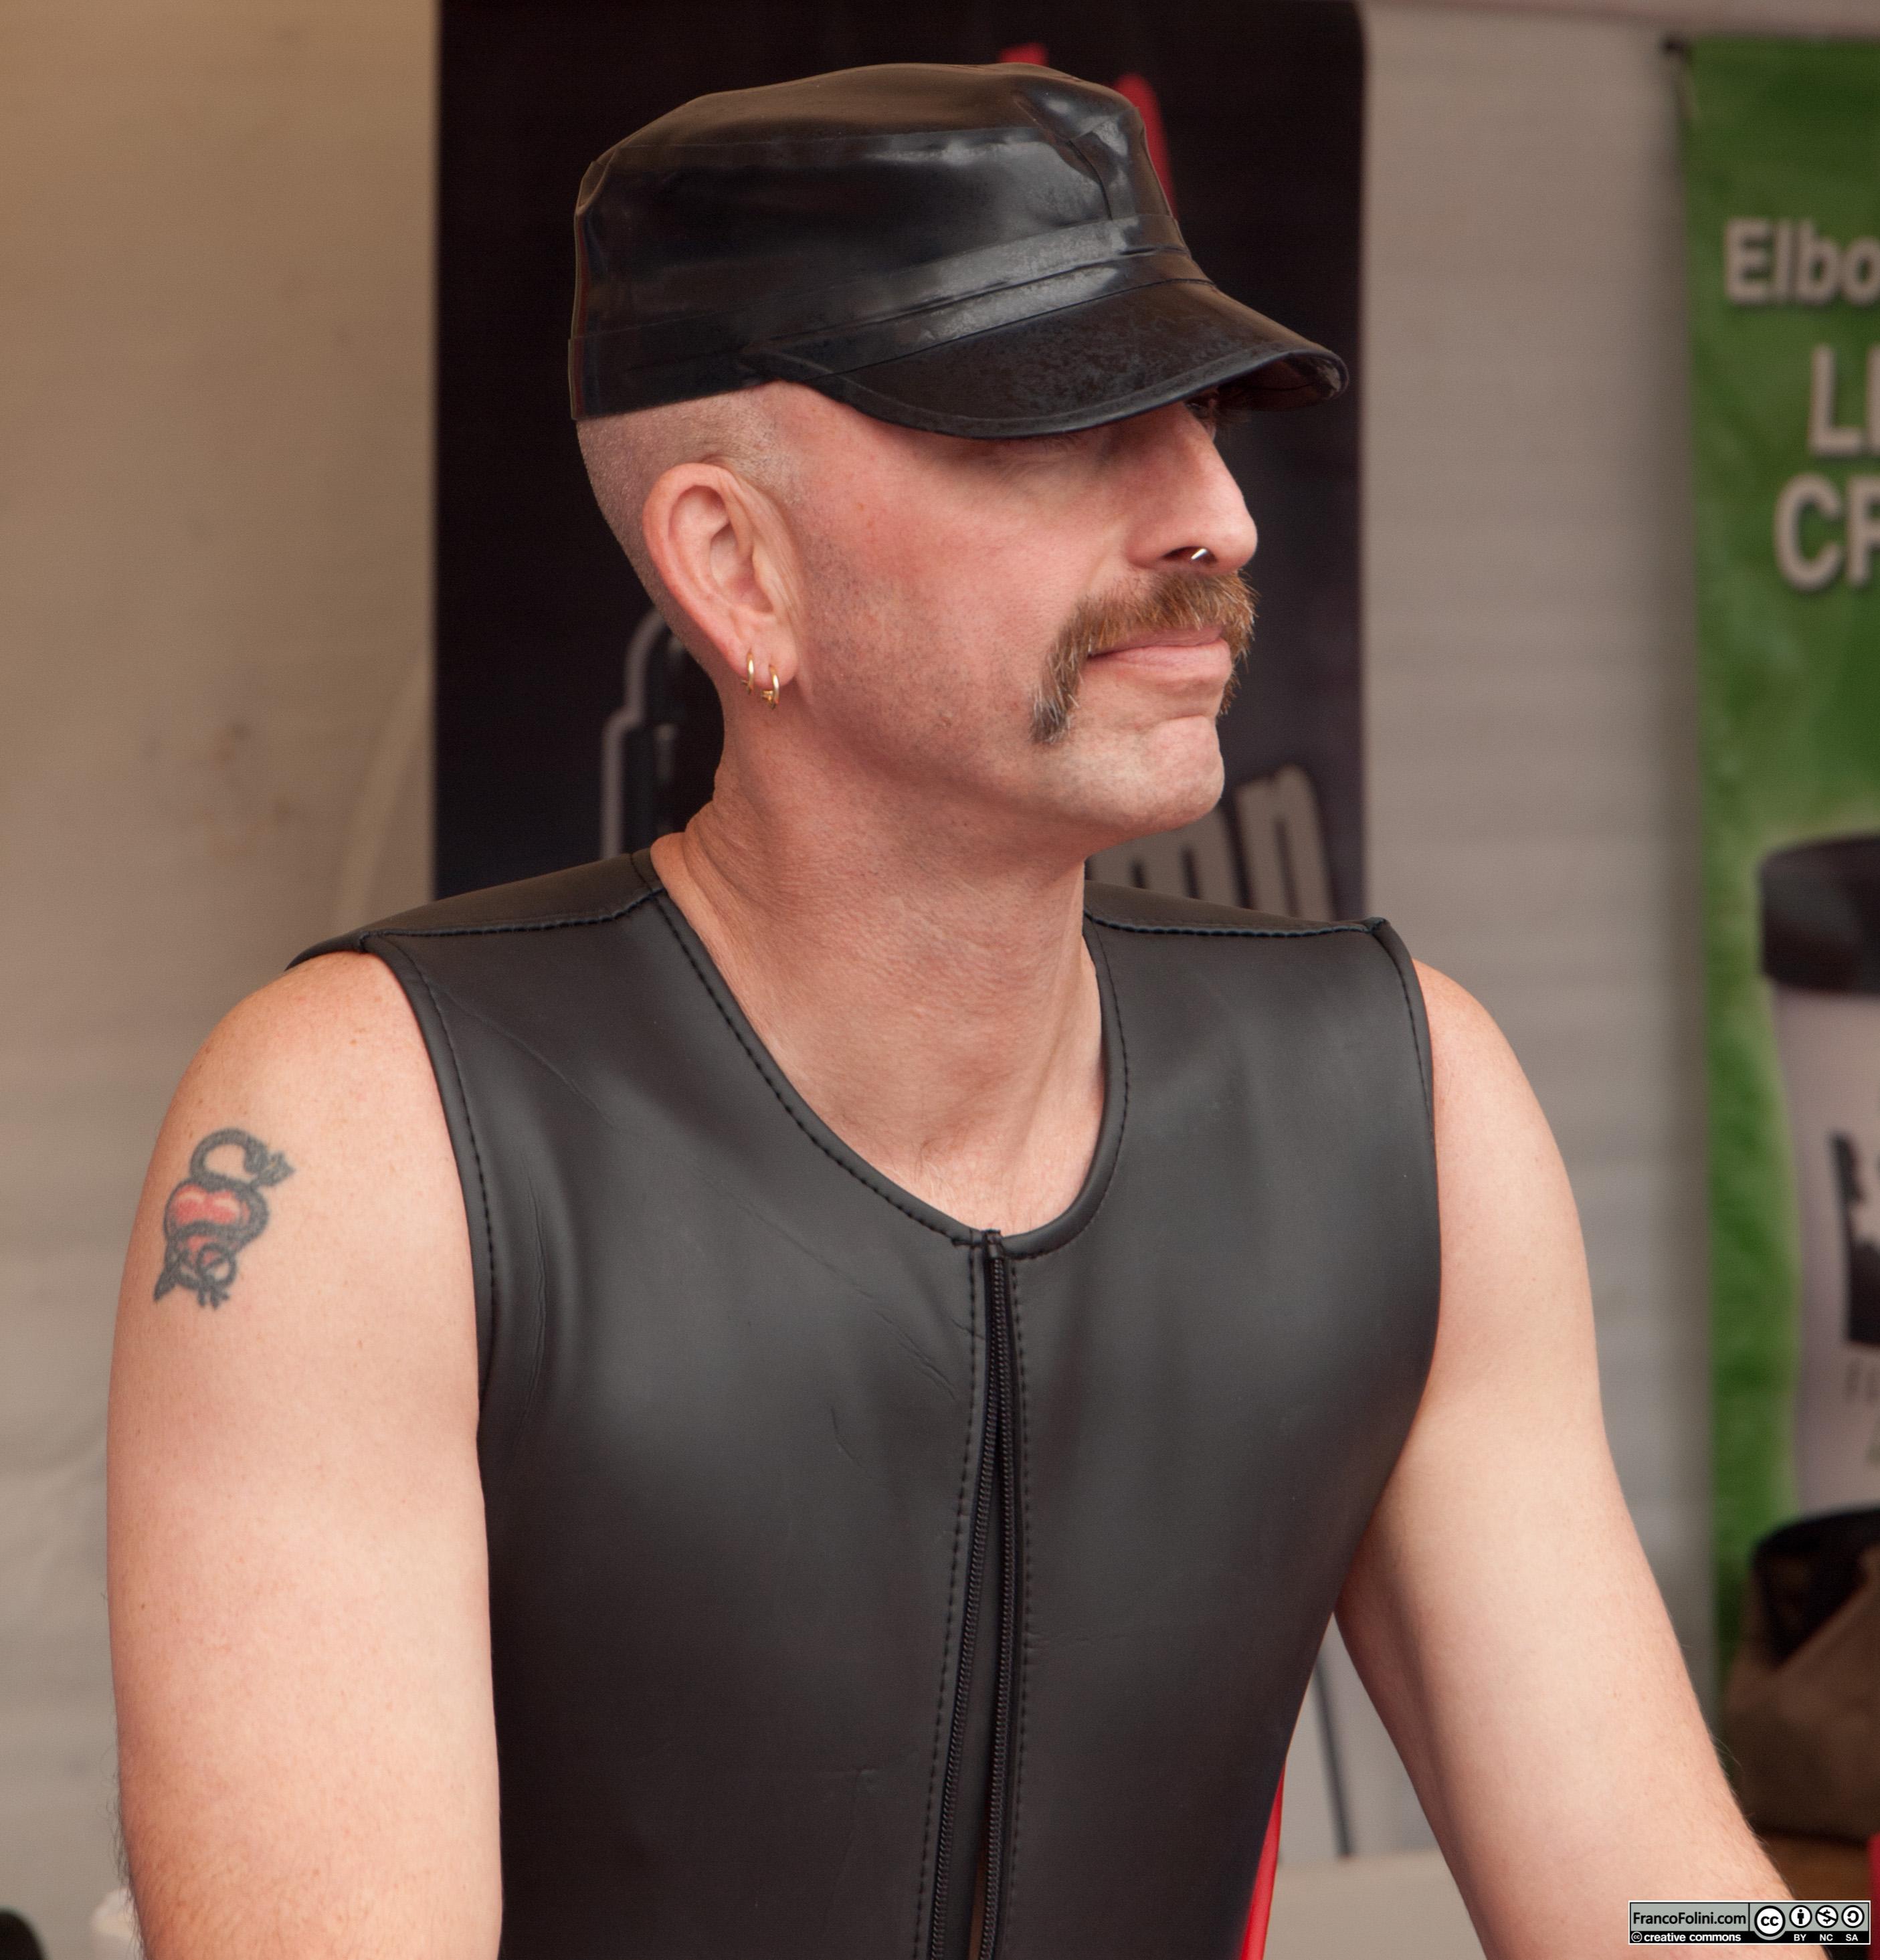 San Francisco Folsom Street Fair: leather guy